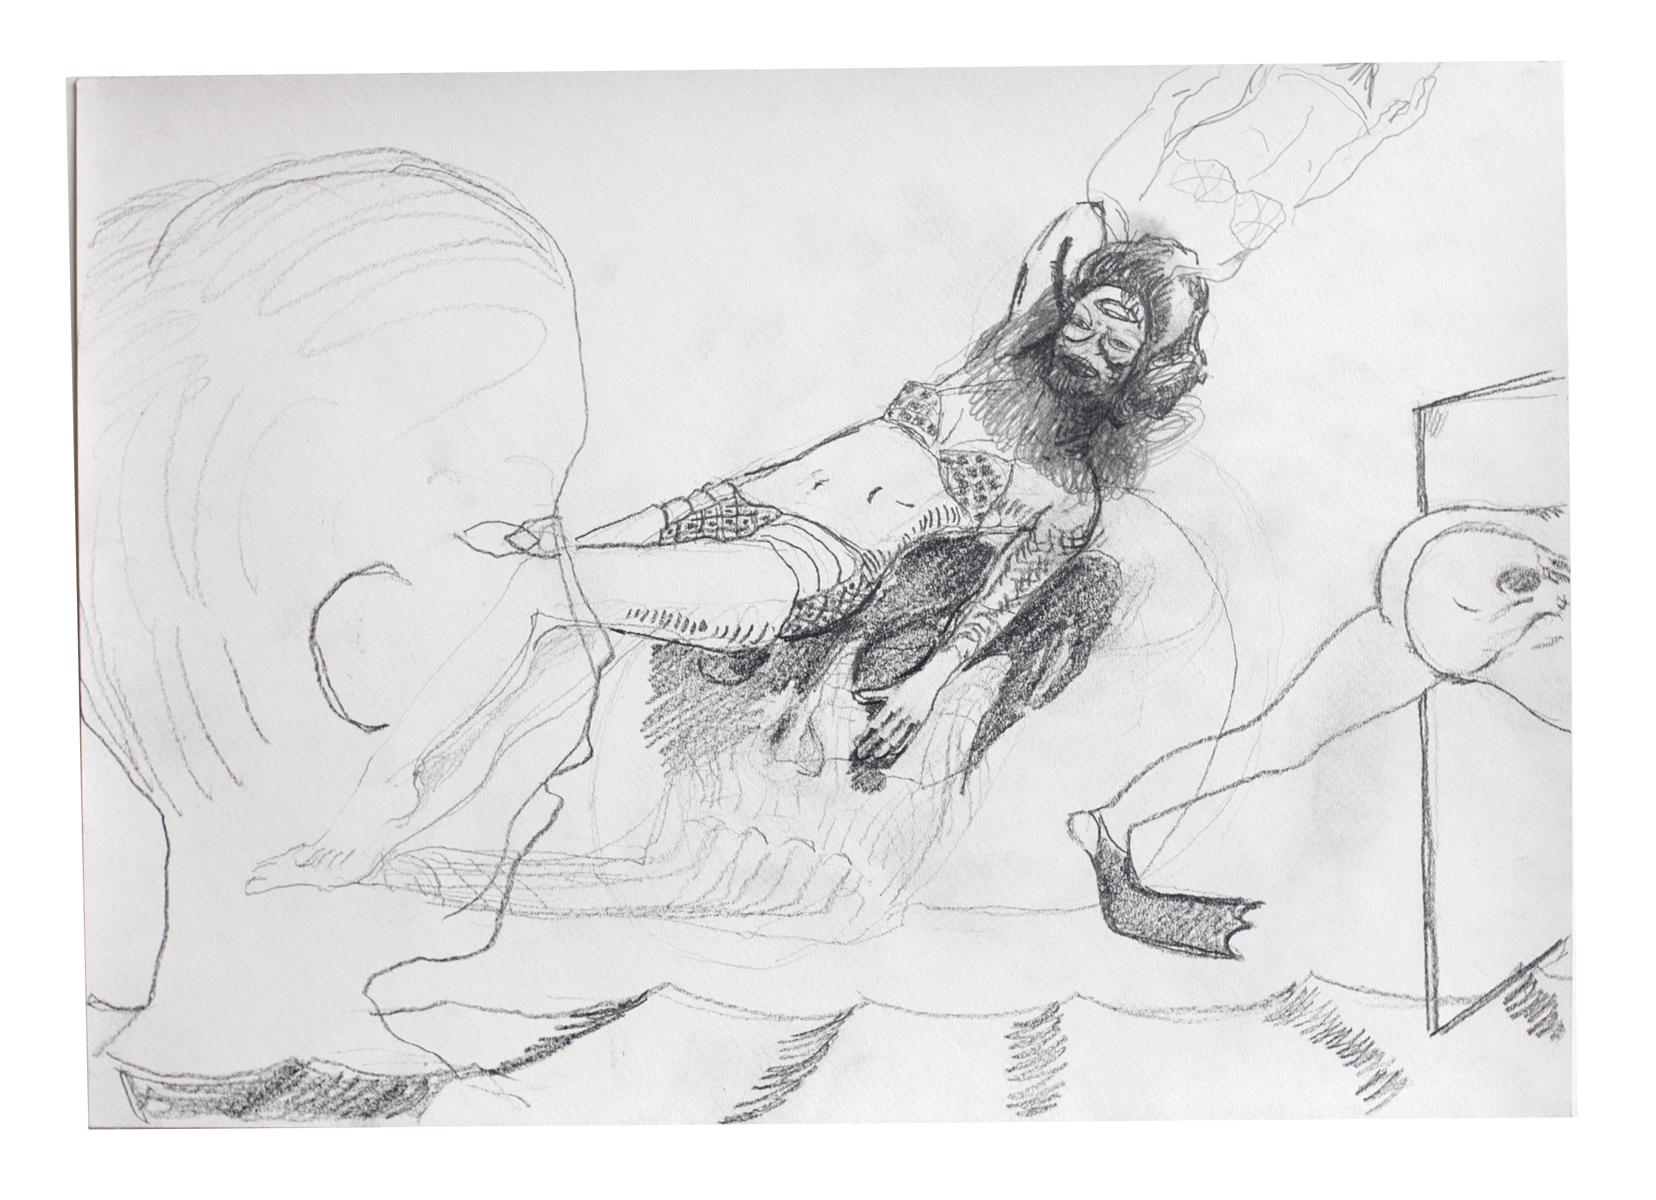 ohne Titel_2012 / 42 x 29,7 cm_Bleistift/Papier